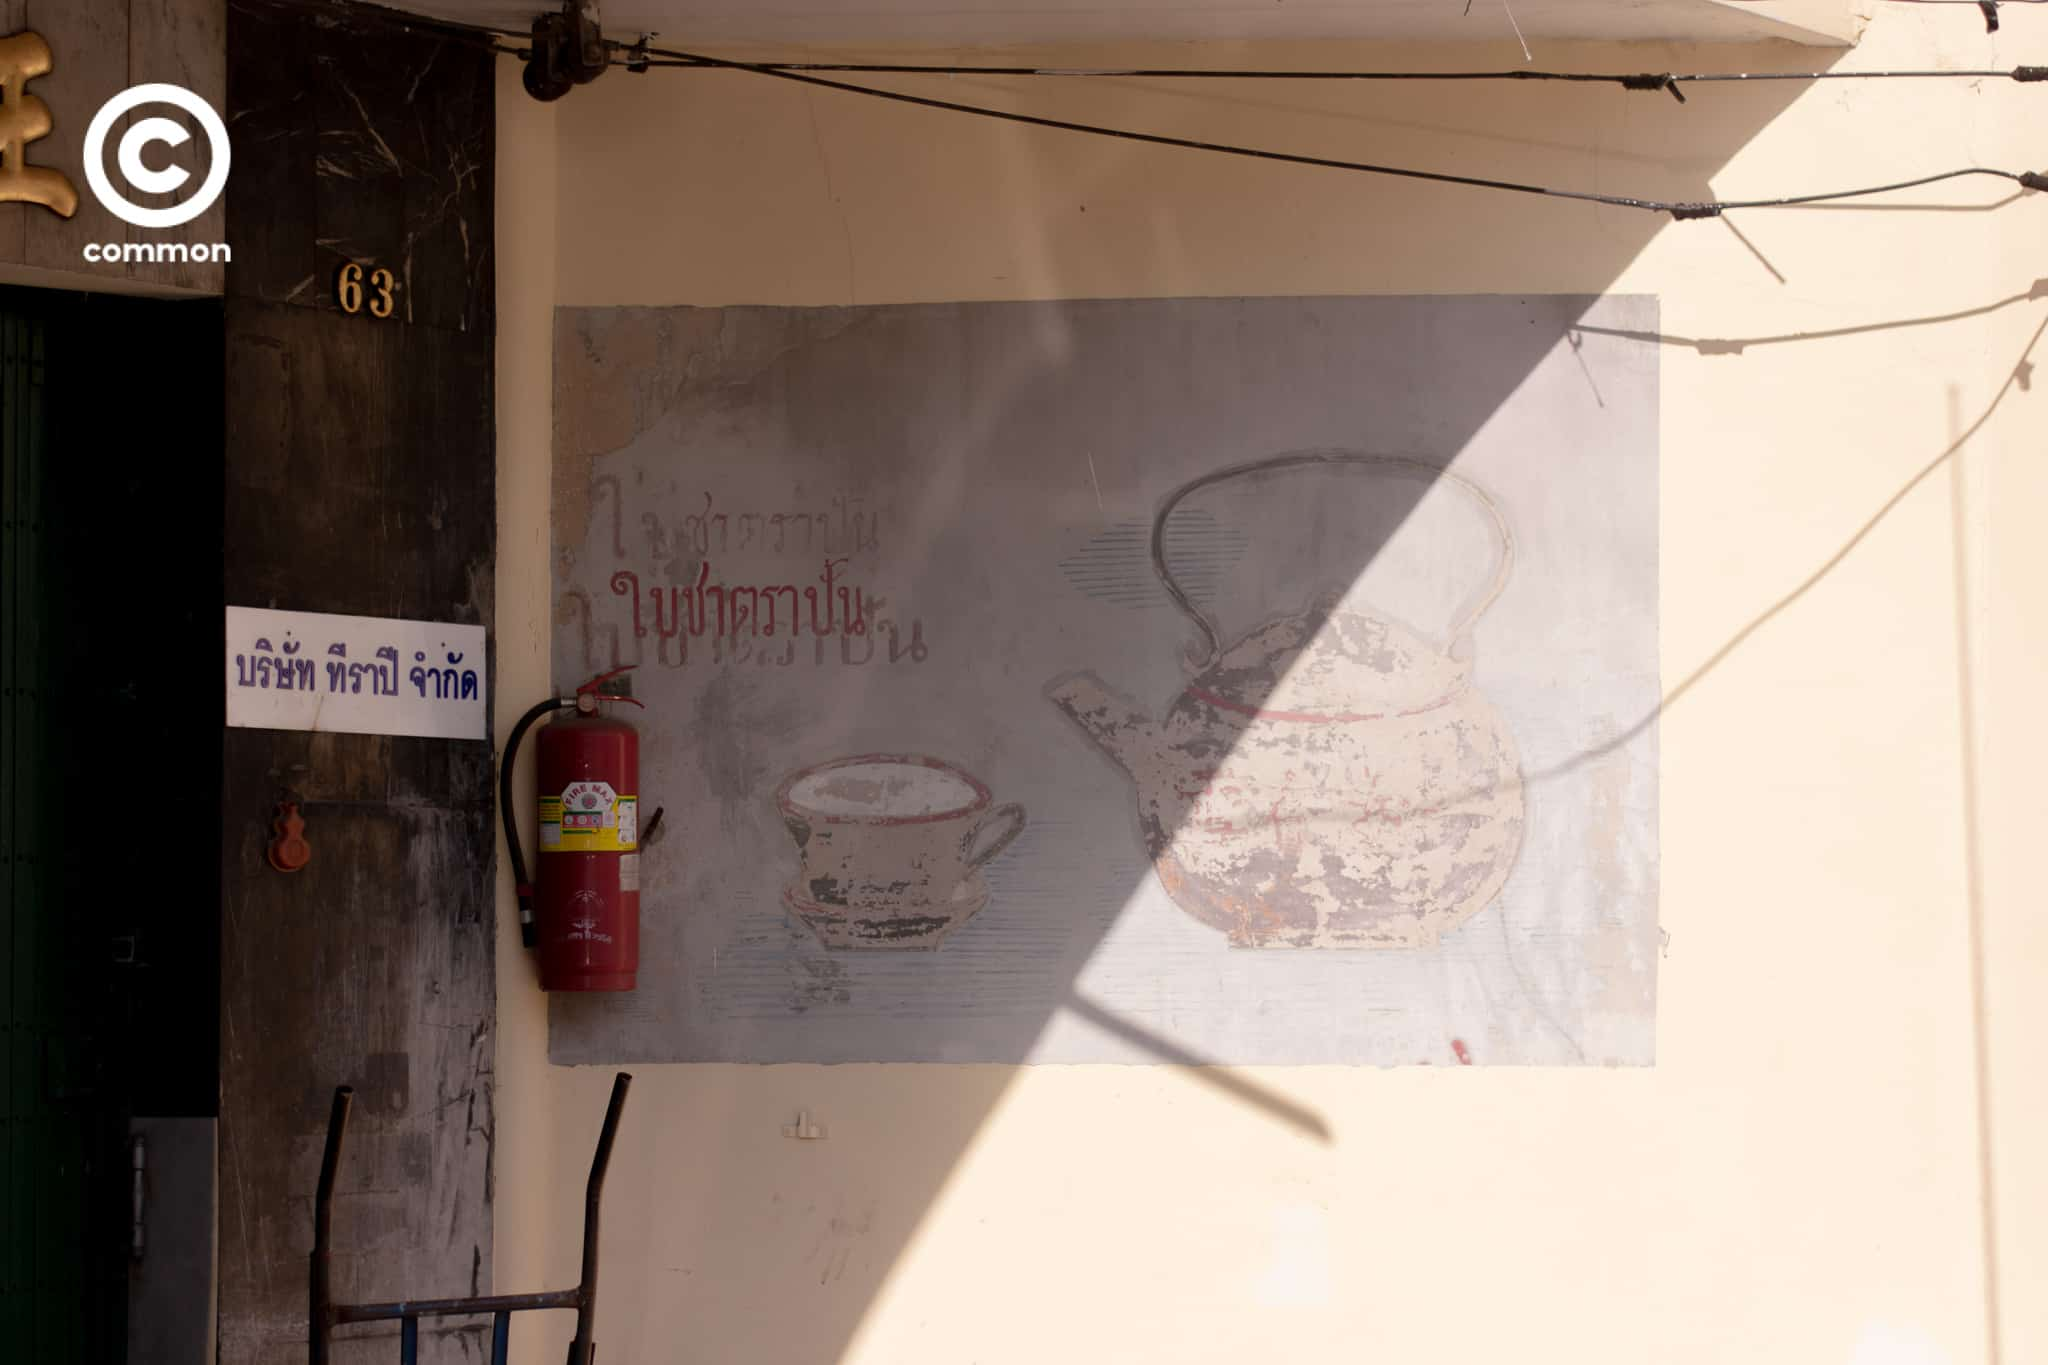 ชาตราปั้น ใบชาตราปั้น ร้านชา อ๋องอิวกี่ เสาชิงช้า ถนนบำรุงเมือง สี่กั๊กเสาชิงช้า รัชกาลที่ 6